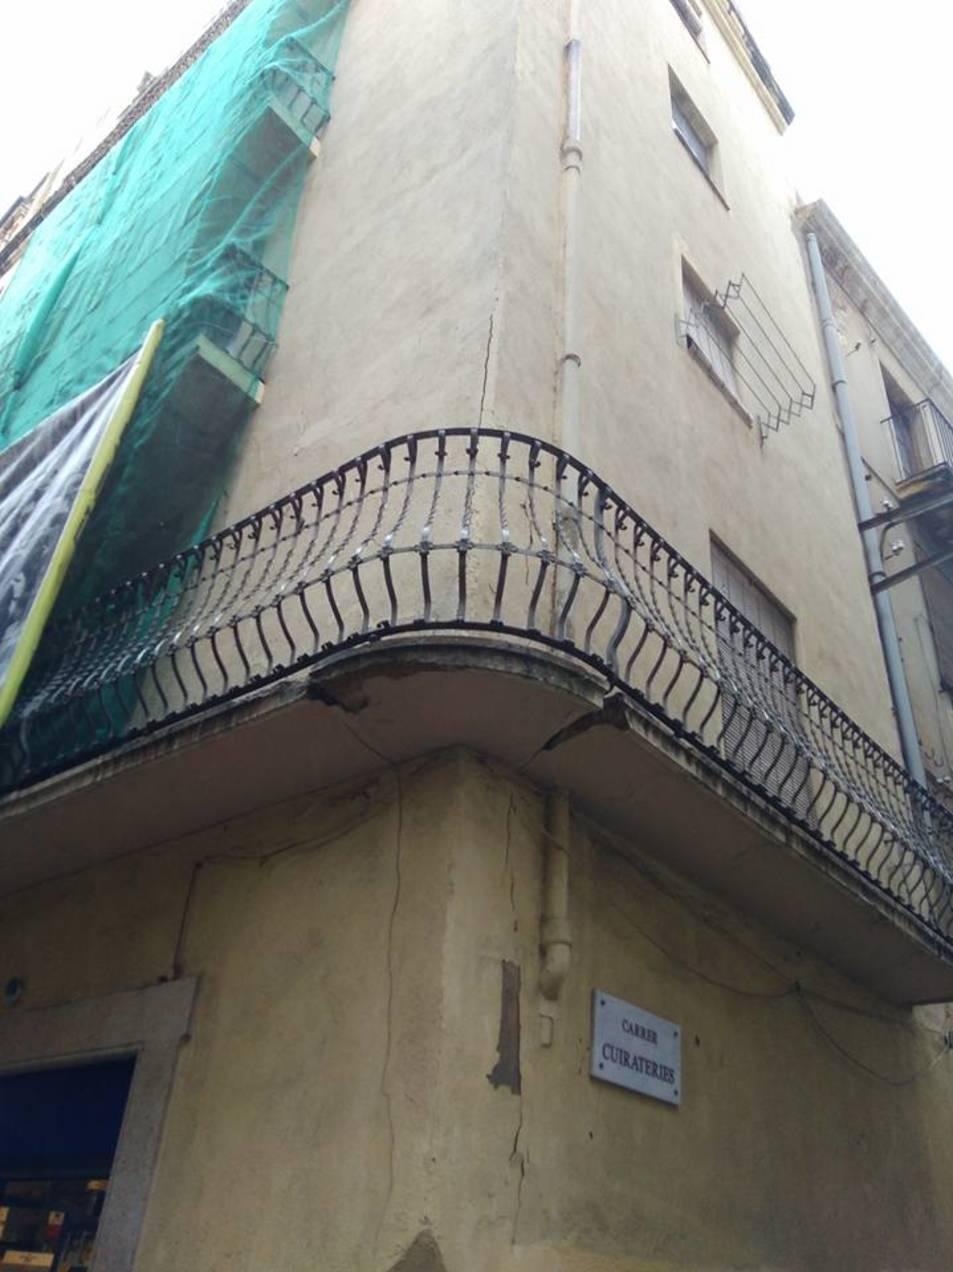 L'edifici, situat entre els carrers Major i Cuirateries, està en rehabilitació